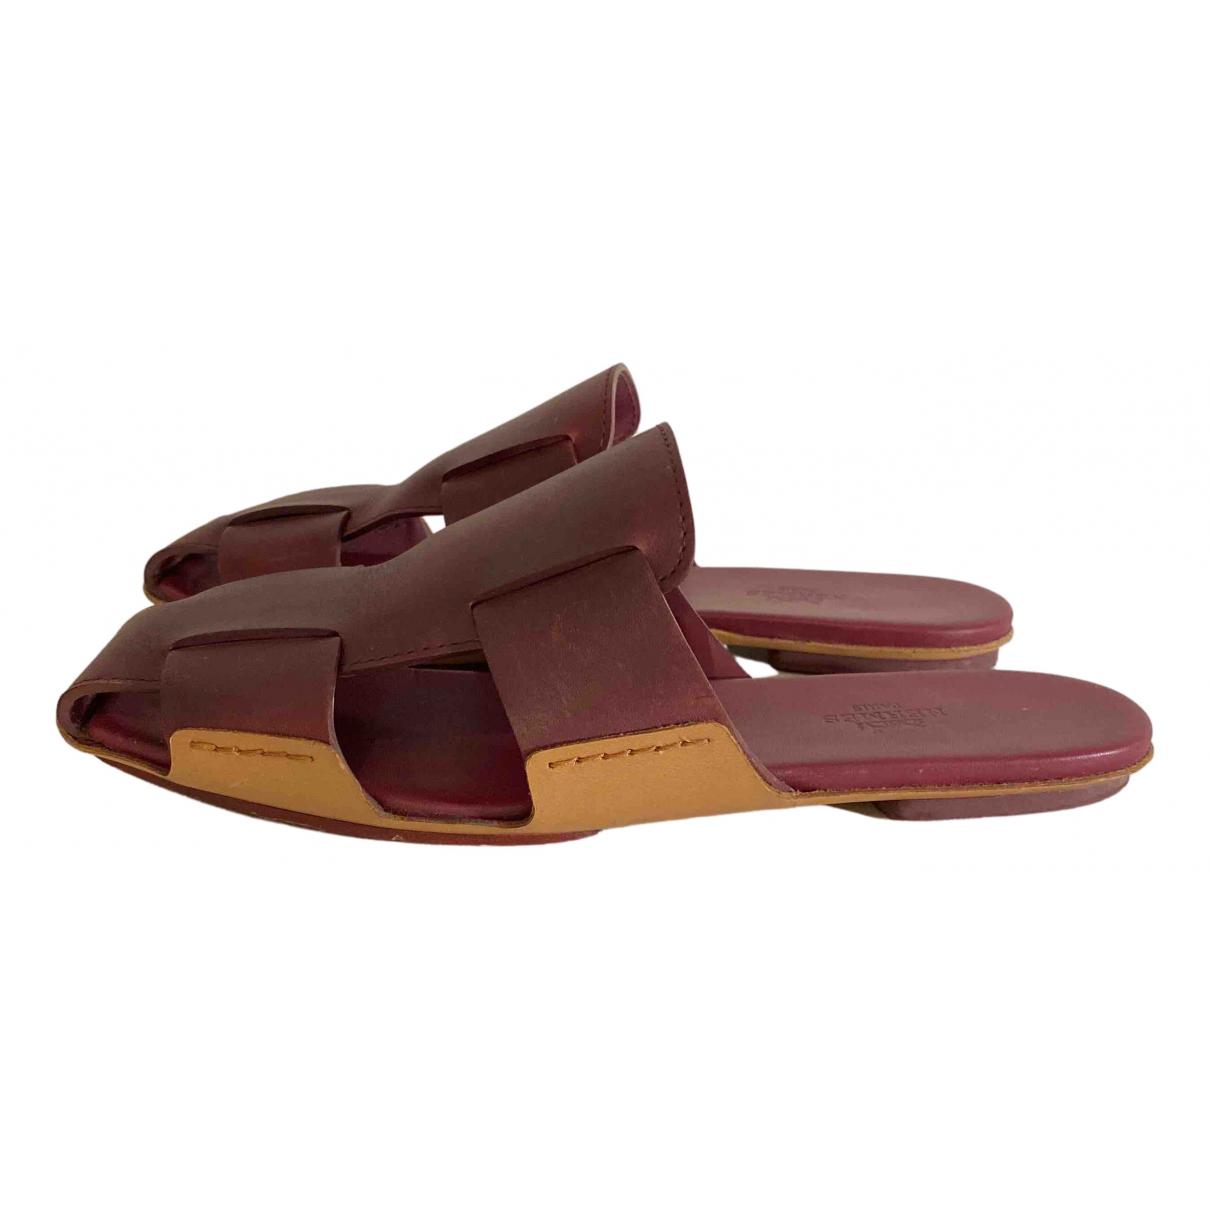 Hermes - Sandales   pour femme en cuir - bordeaux